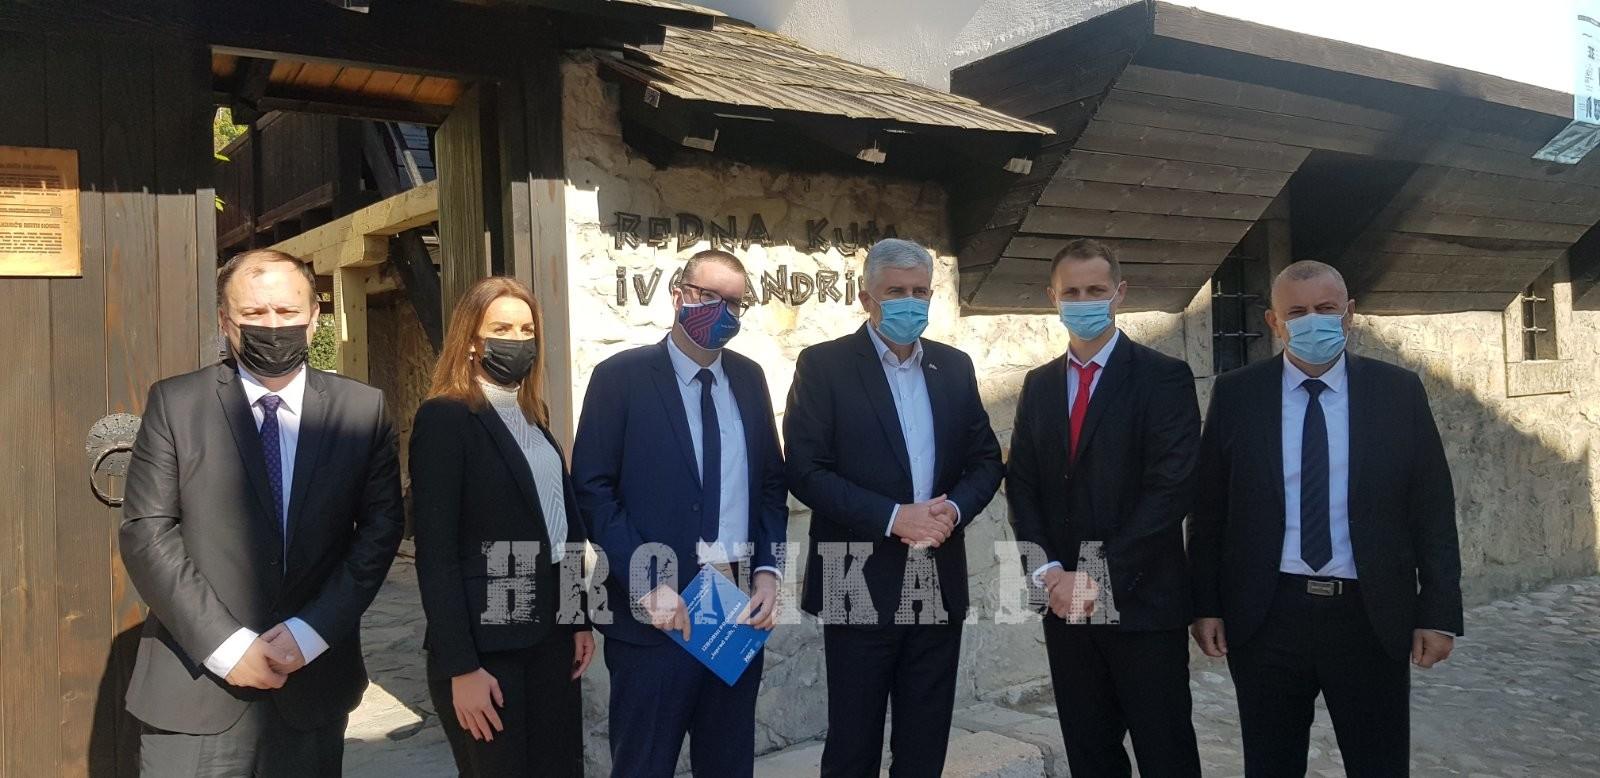 Dragan Čović podržao kandidate travničkog HDZ BiH: Prezentirani ciljevi za bolji Travnik su ostvarivi